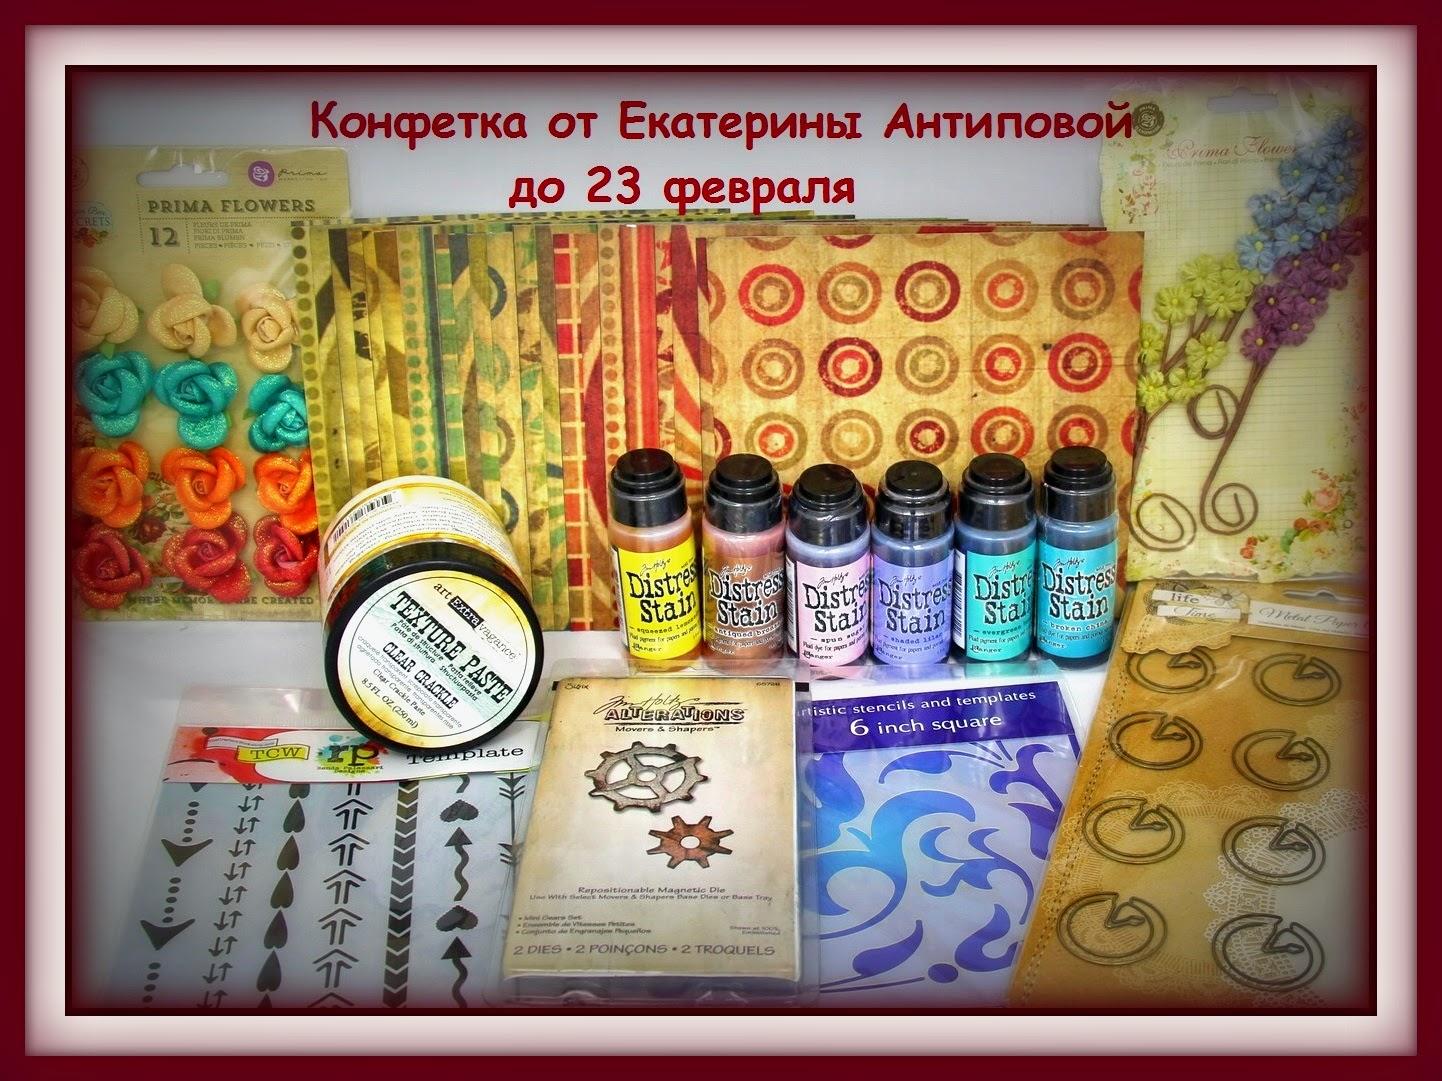 Конфетка от Екатерины Антиповой